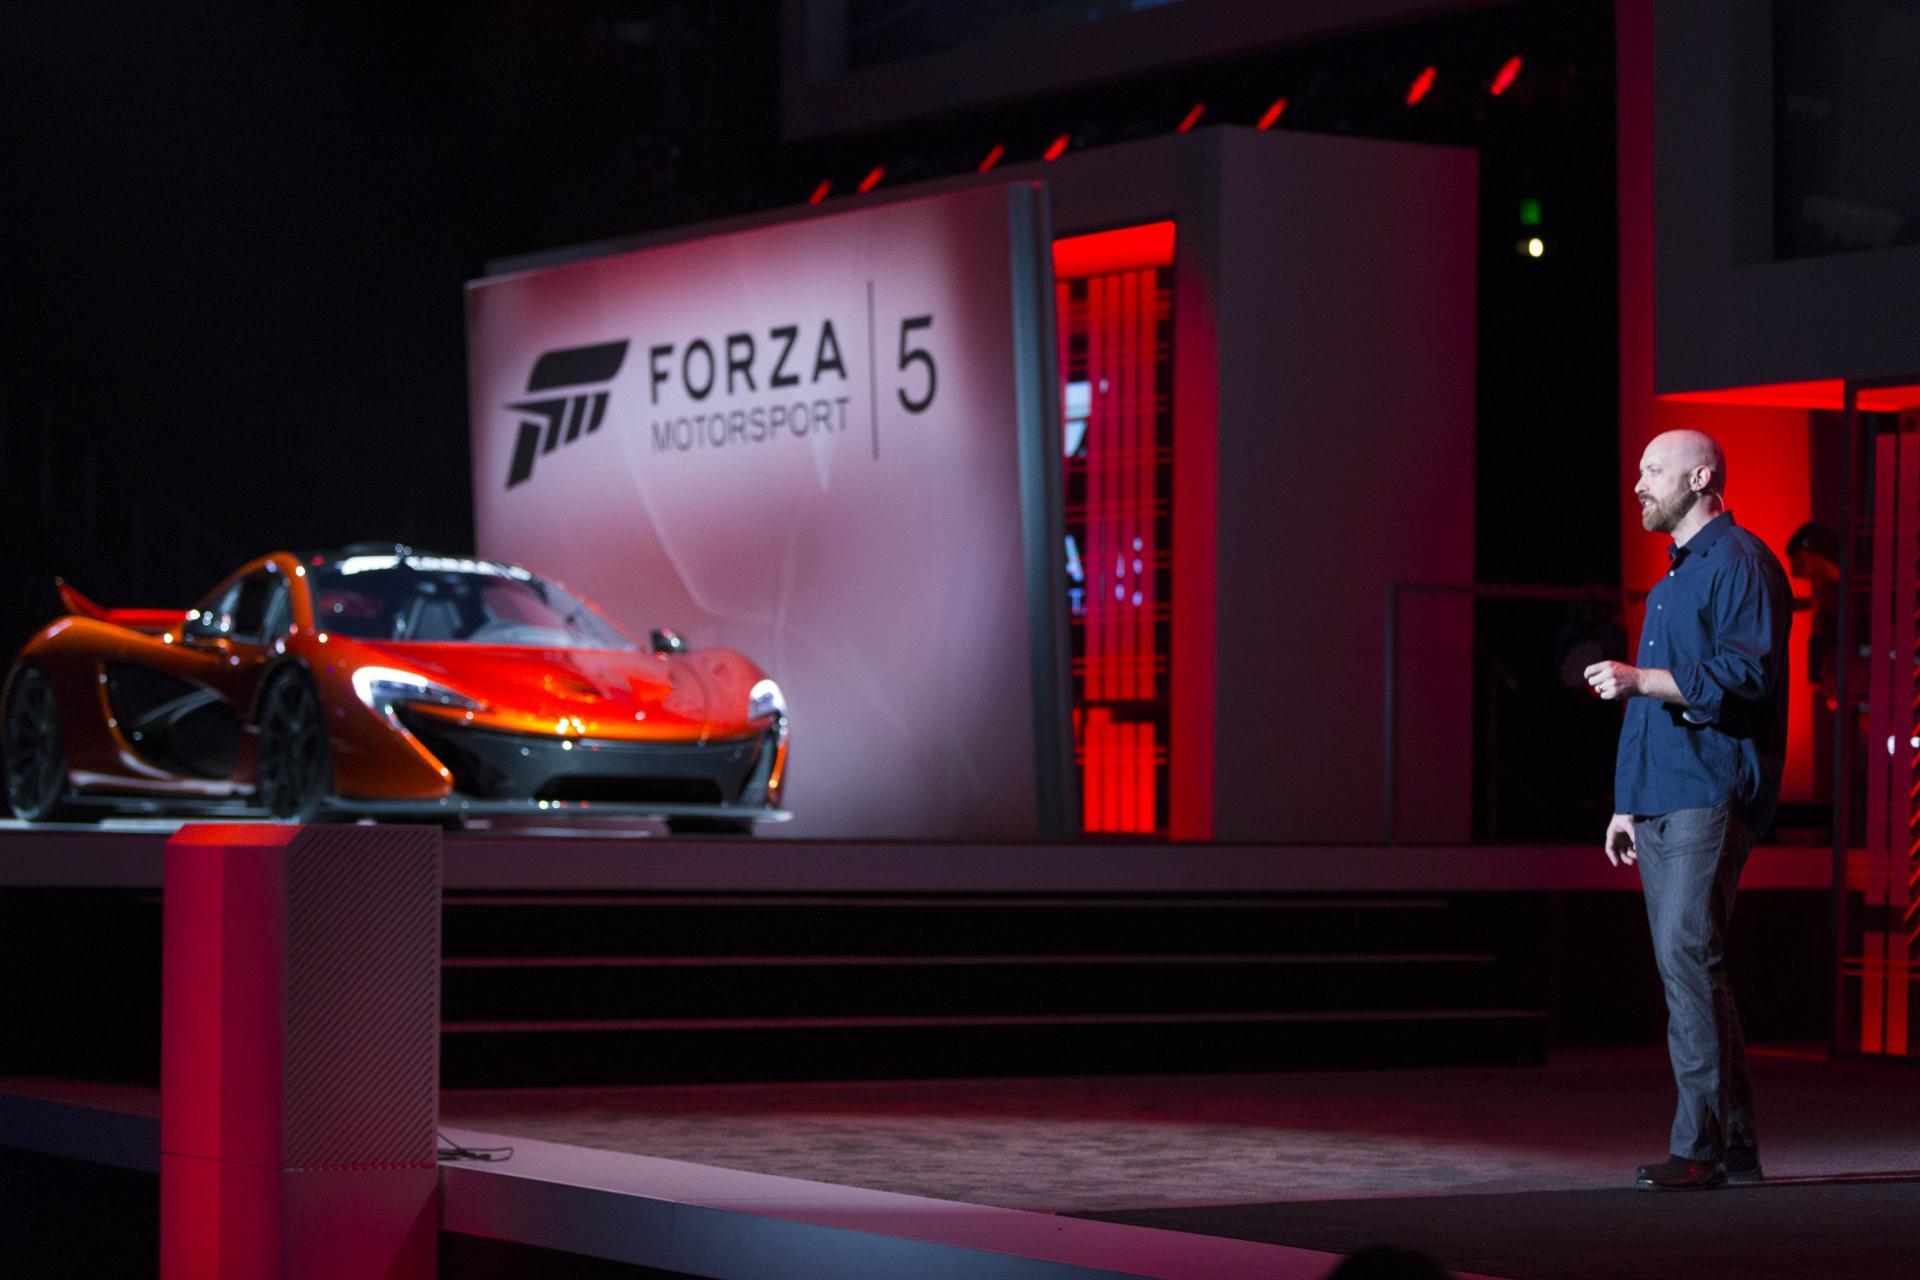 McLaren P1 - Forza Motorsport 5